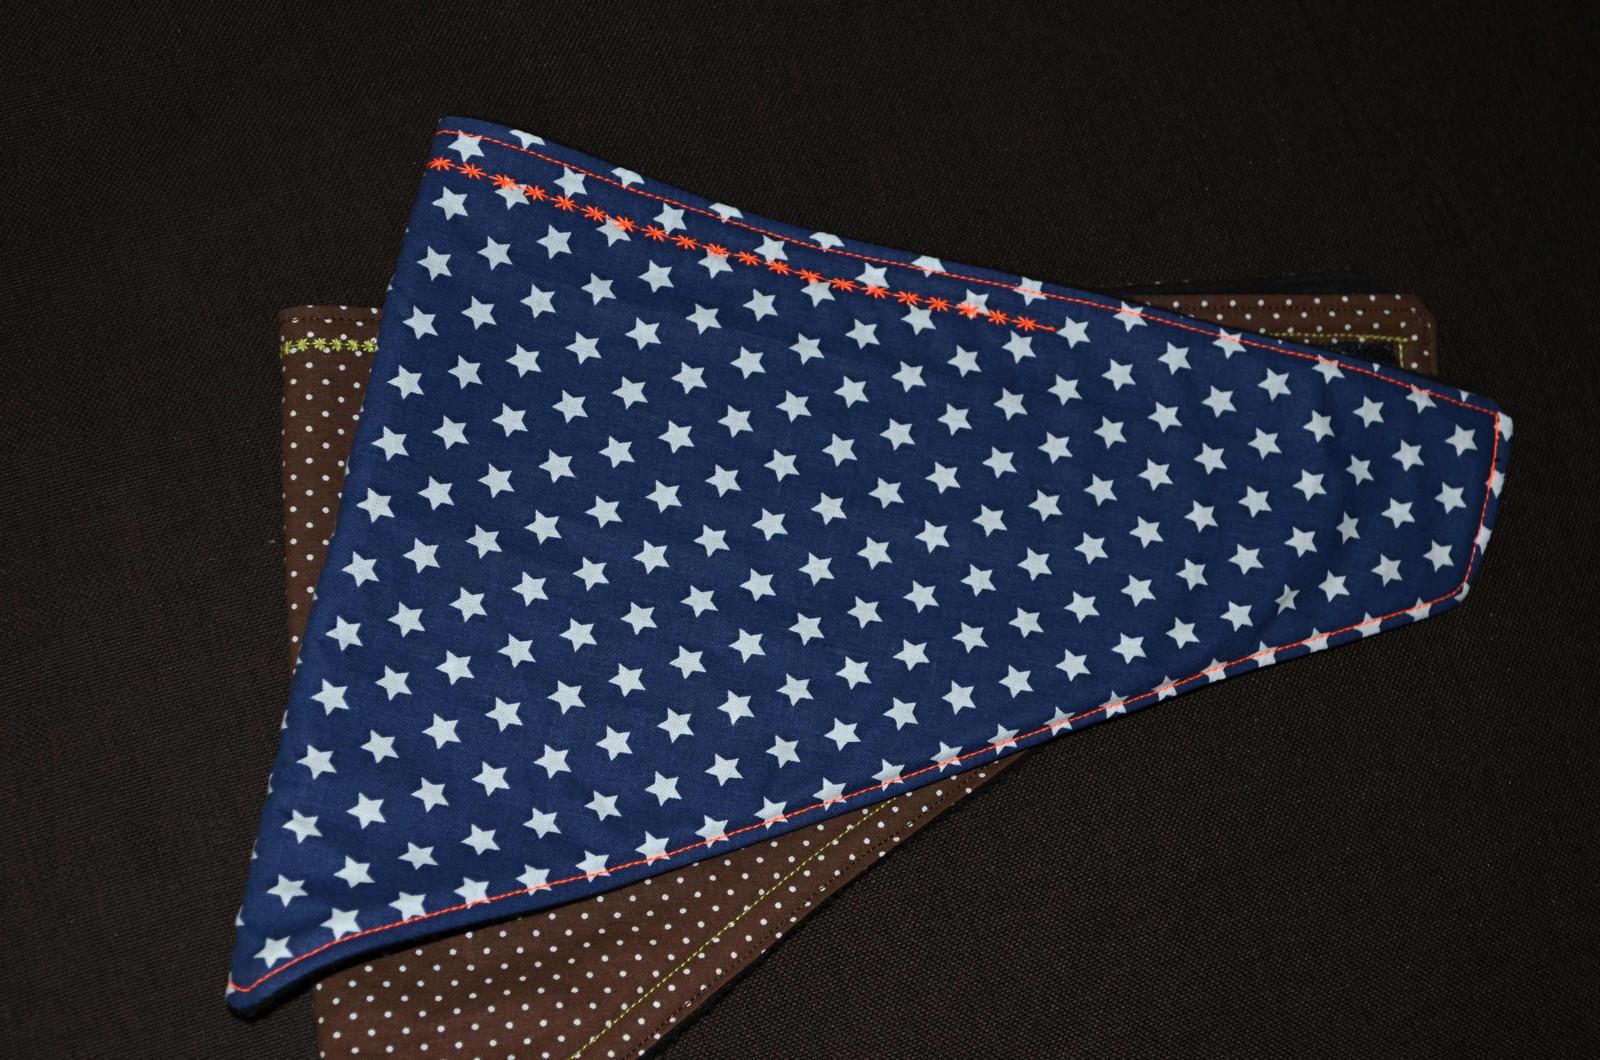 Šátek nejen na zimu.... hvězdy   Zboží prodejce Lenamo  8b83b514e4